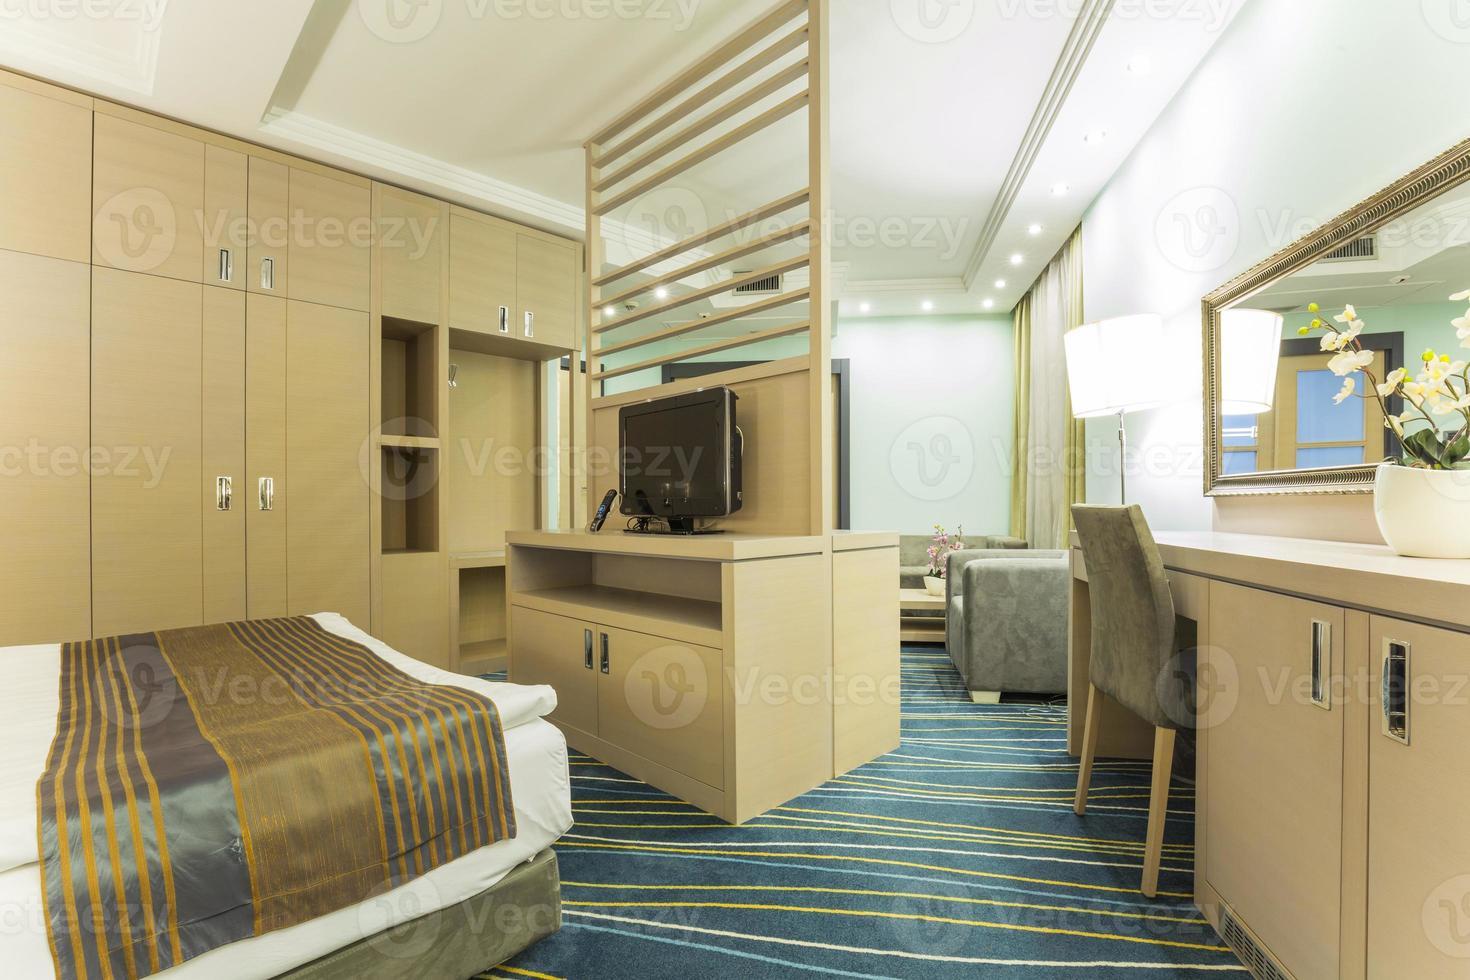 interior elegante do quarto de hotel foto